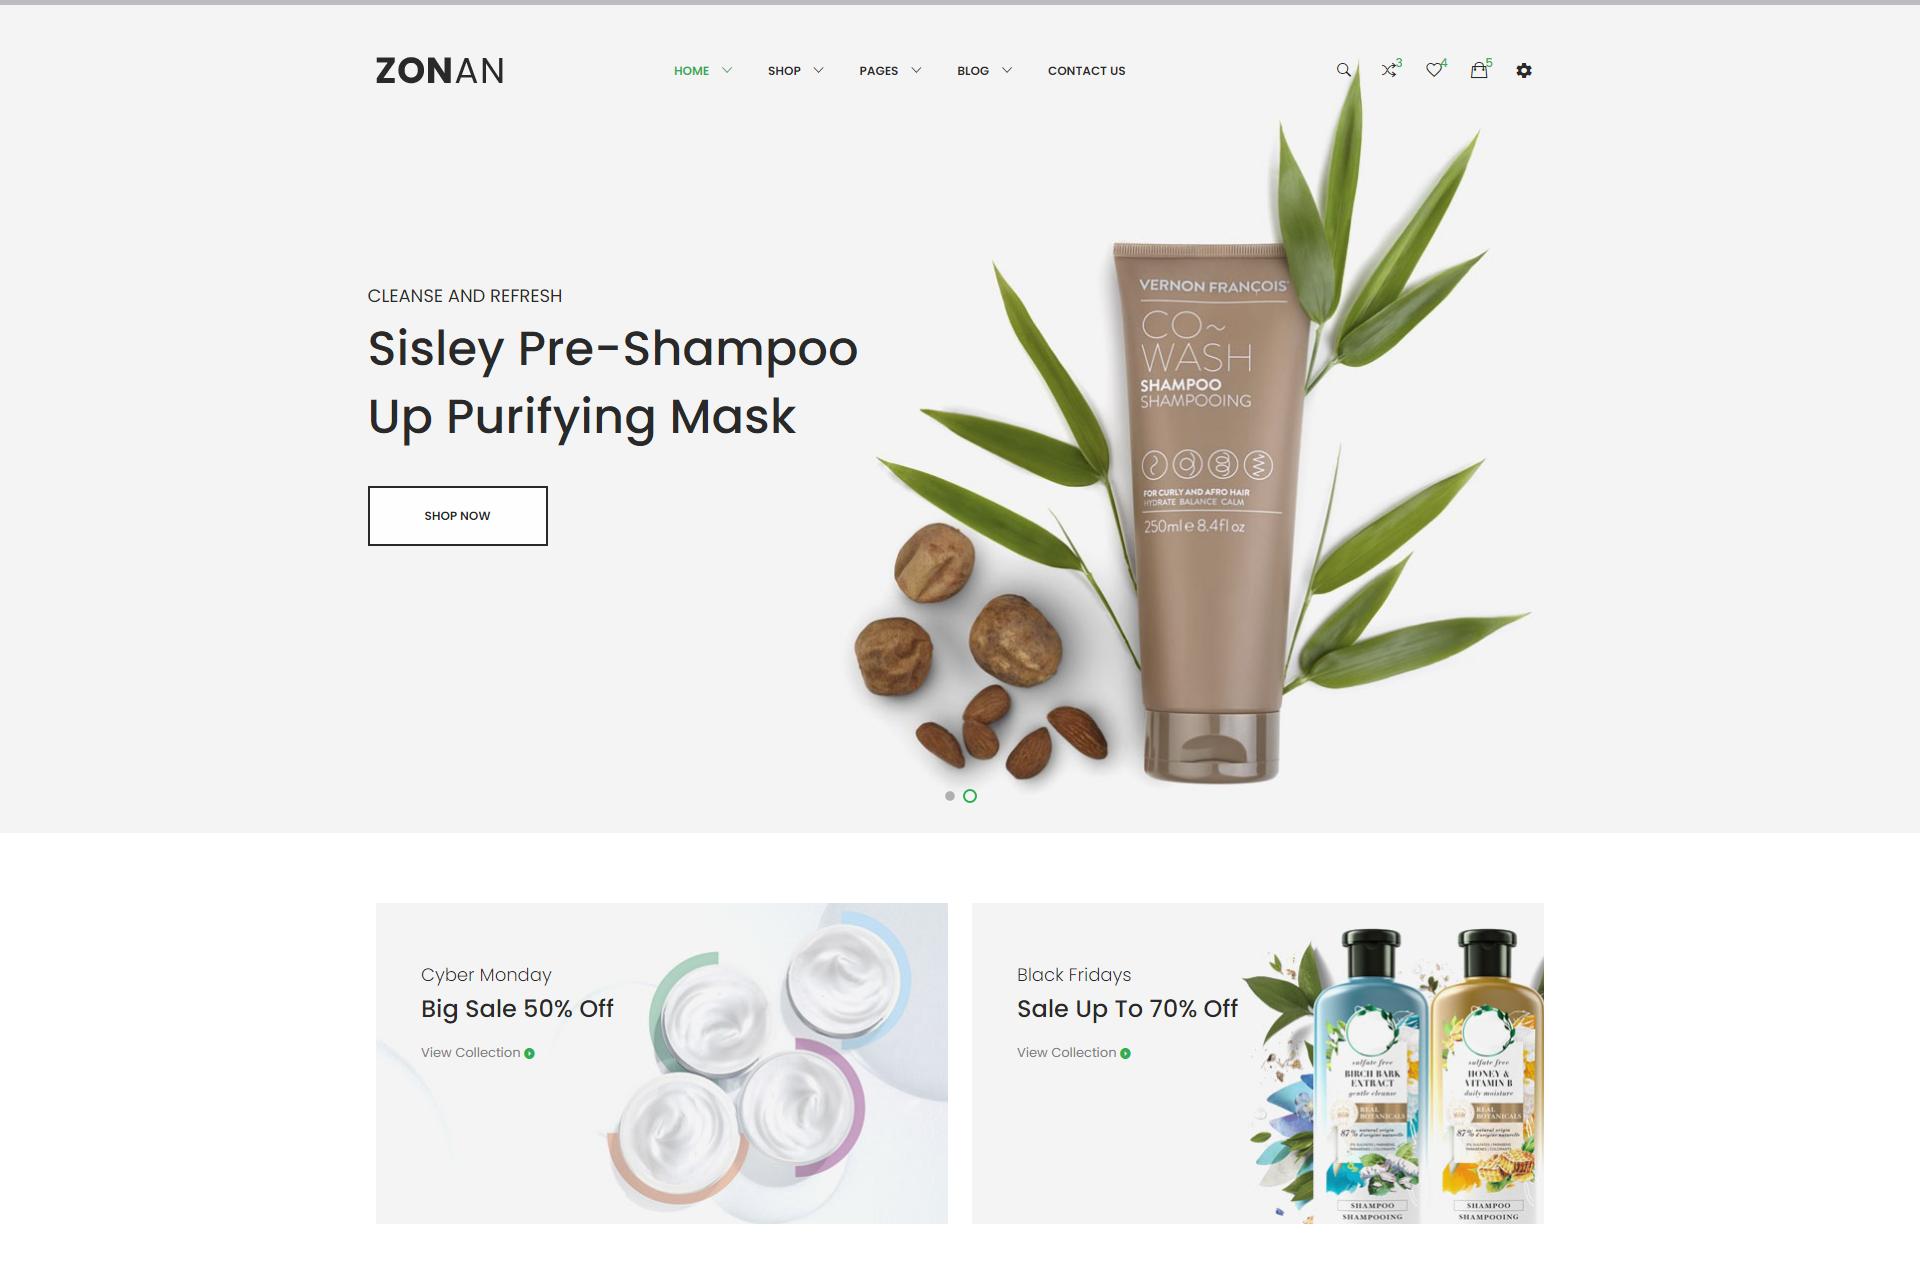 响应式的化妆品电商网页模板